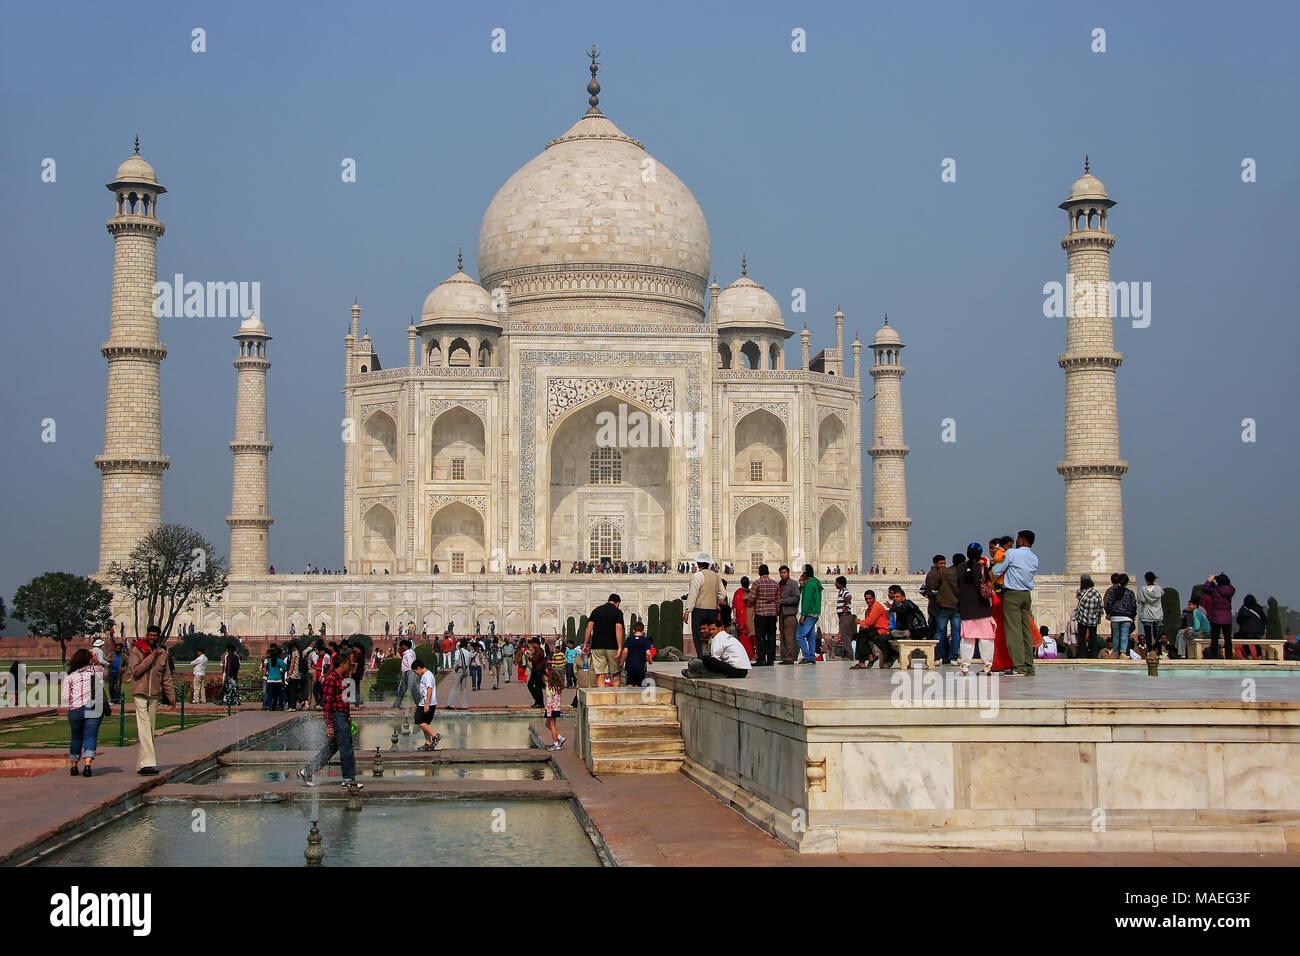 Complejo de los turistas que visitan el Taj Mahal en Agra, Uttar Pradesh, India. Taj Mahal fue designado como Patrimonio de la Humanidad por la UNESCO en 1983. Imagen De Stock